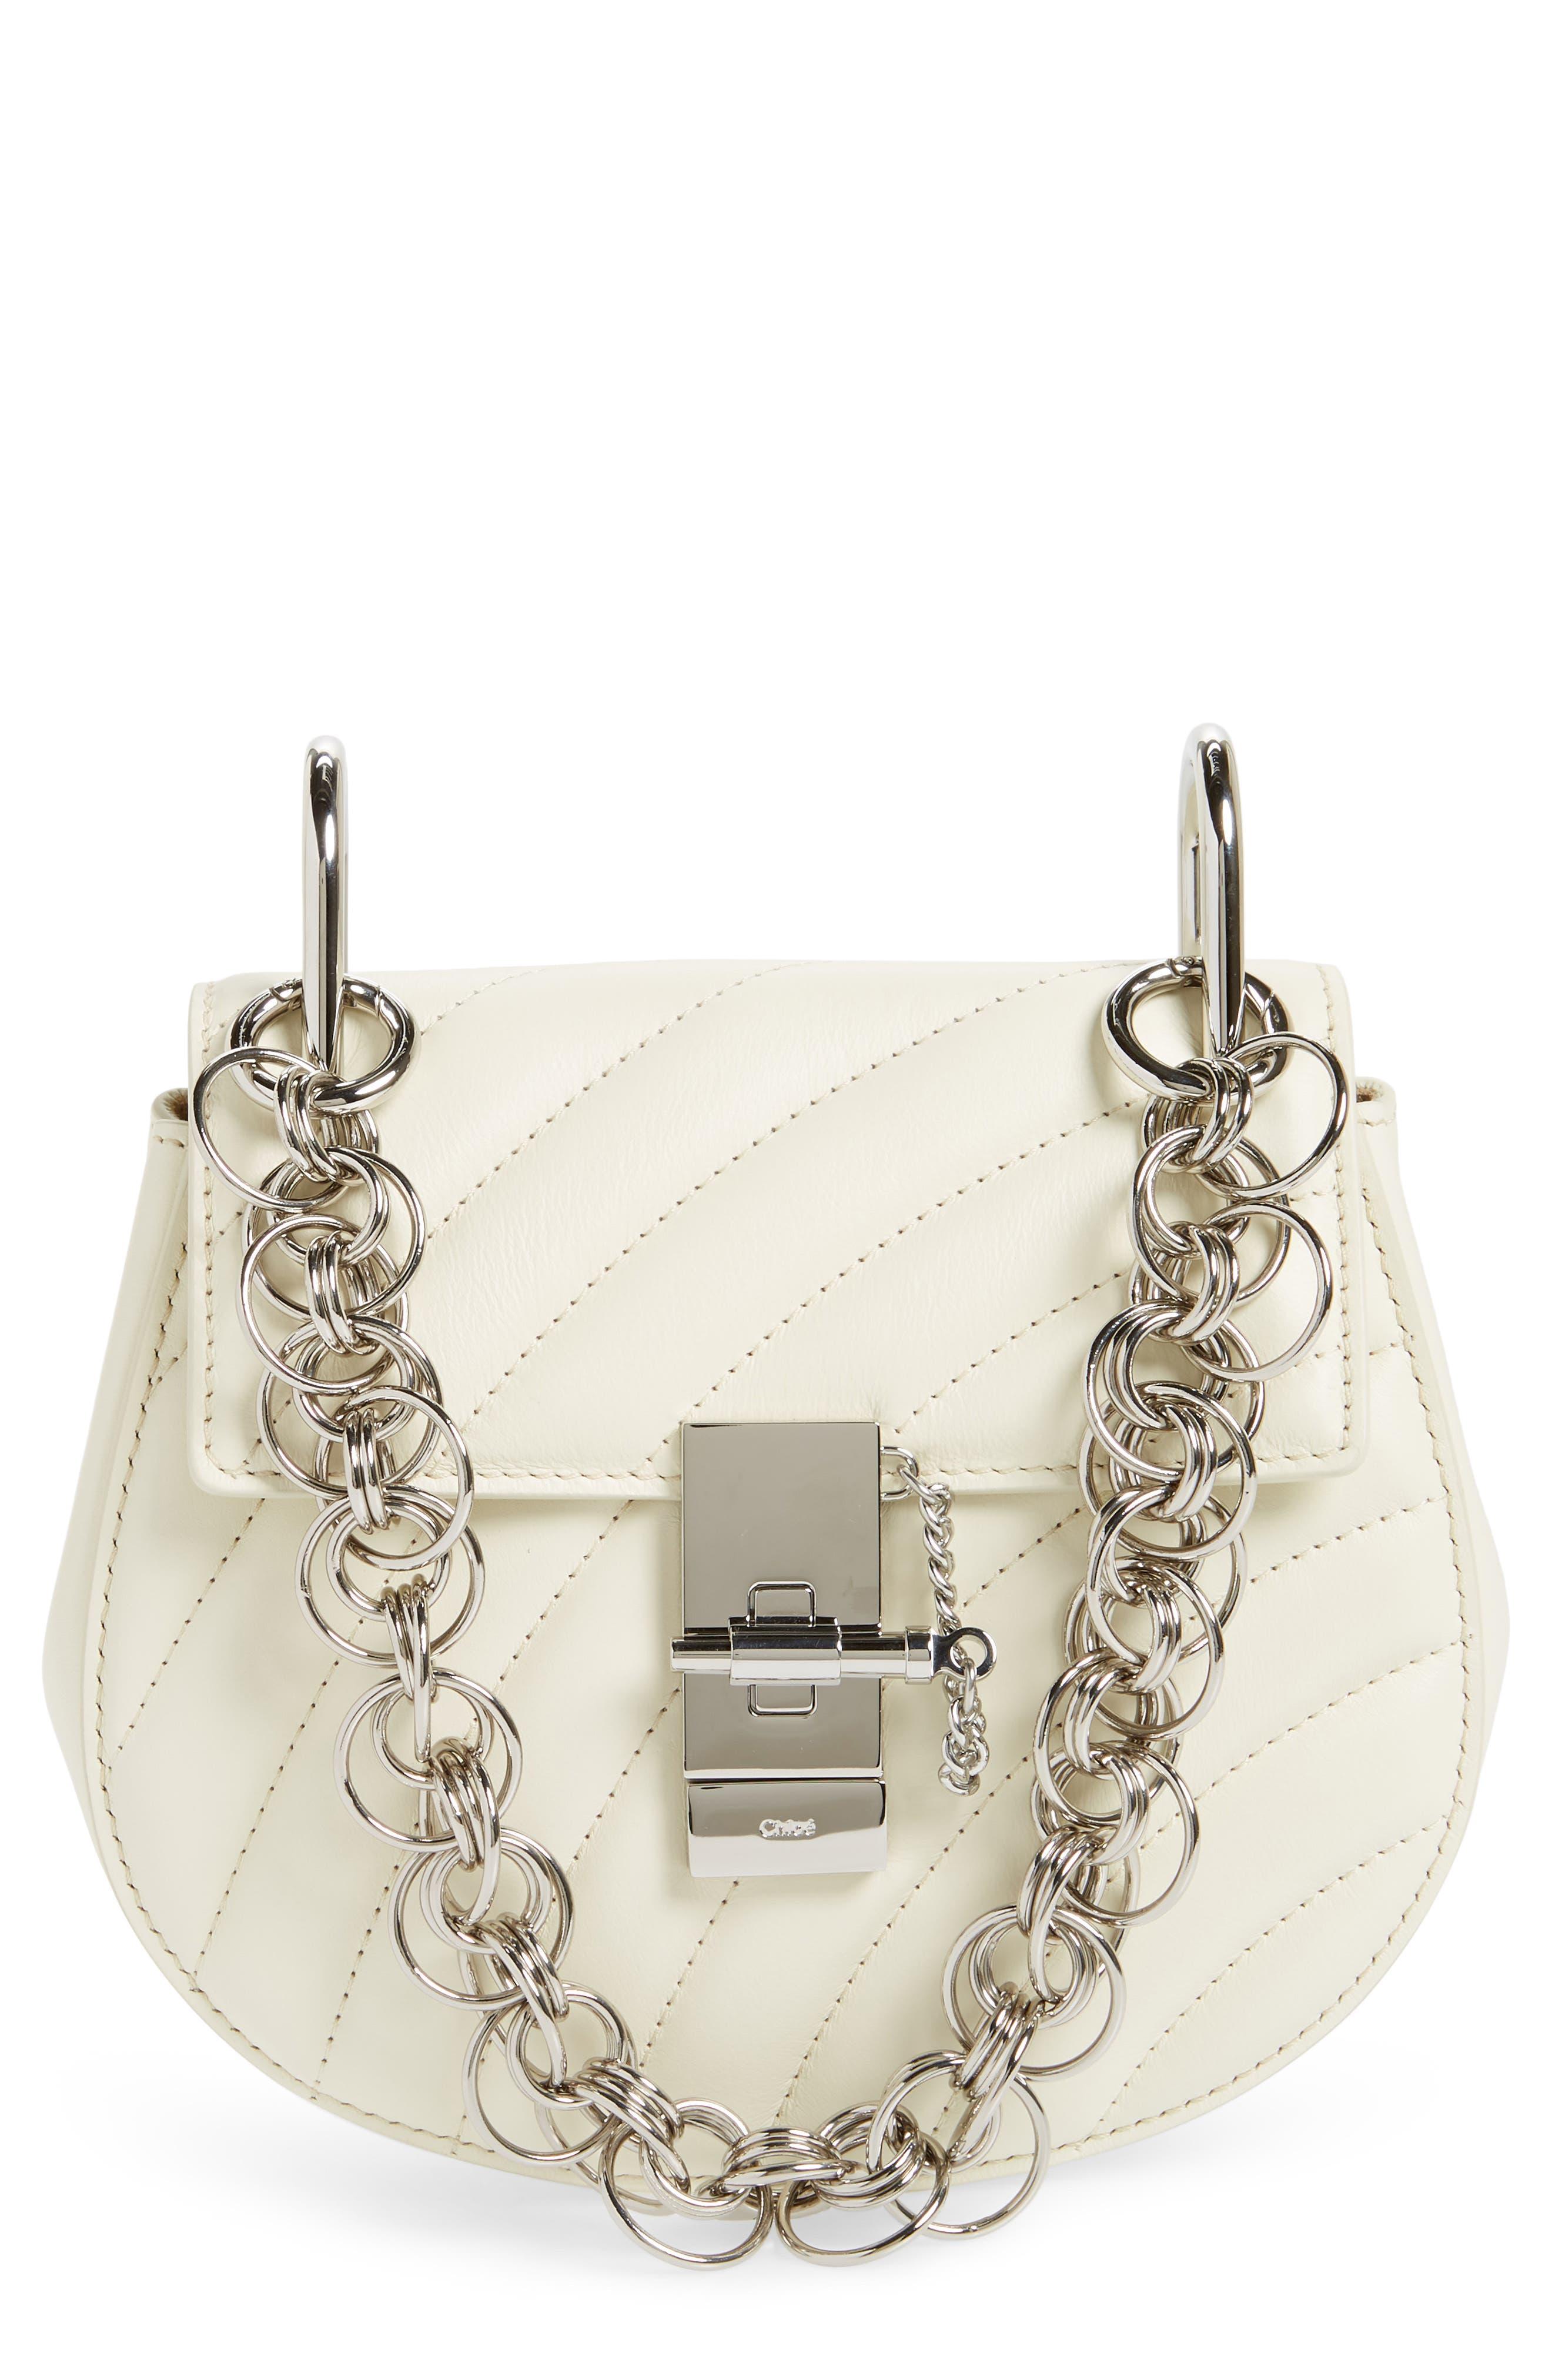 Mini Drew Bijoux Leather Shoulder Bag,                             Main thumbnail 1, color,                             Natural White